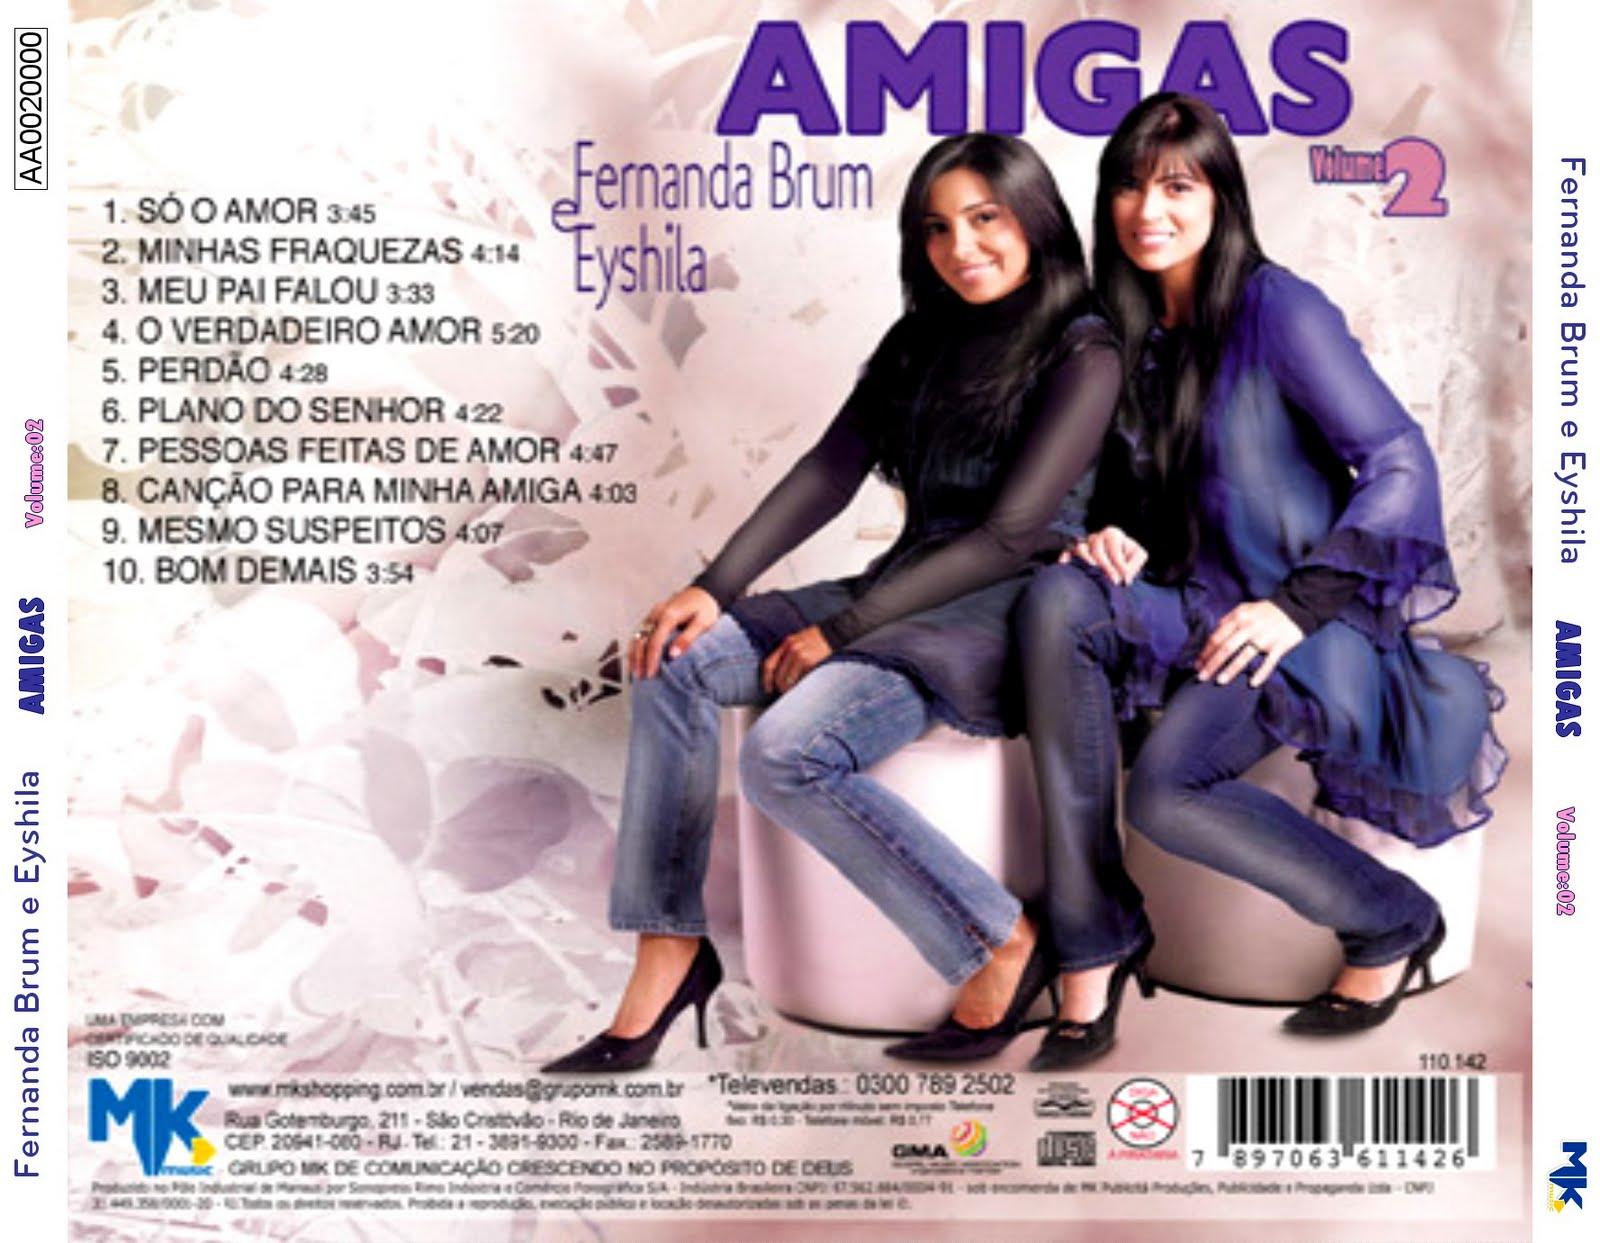 BRUM E EYSHILA AMIGAS FERNANDA PARA CD BAIXAR